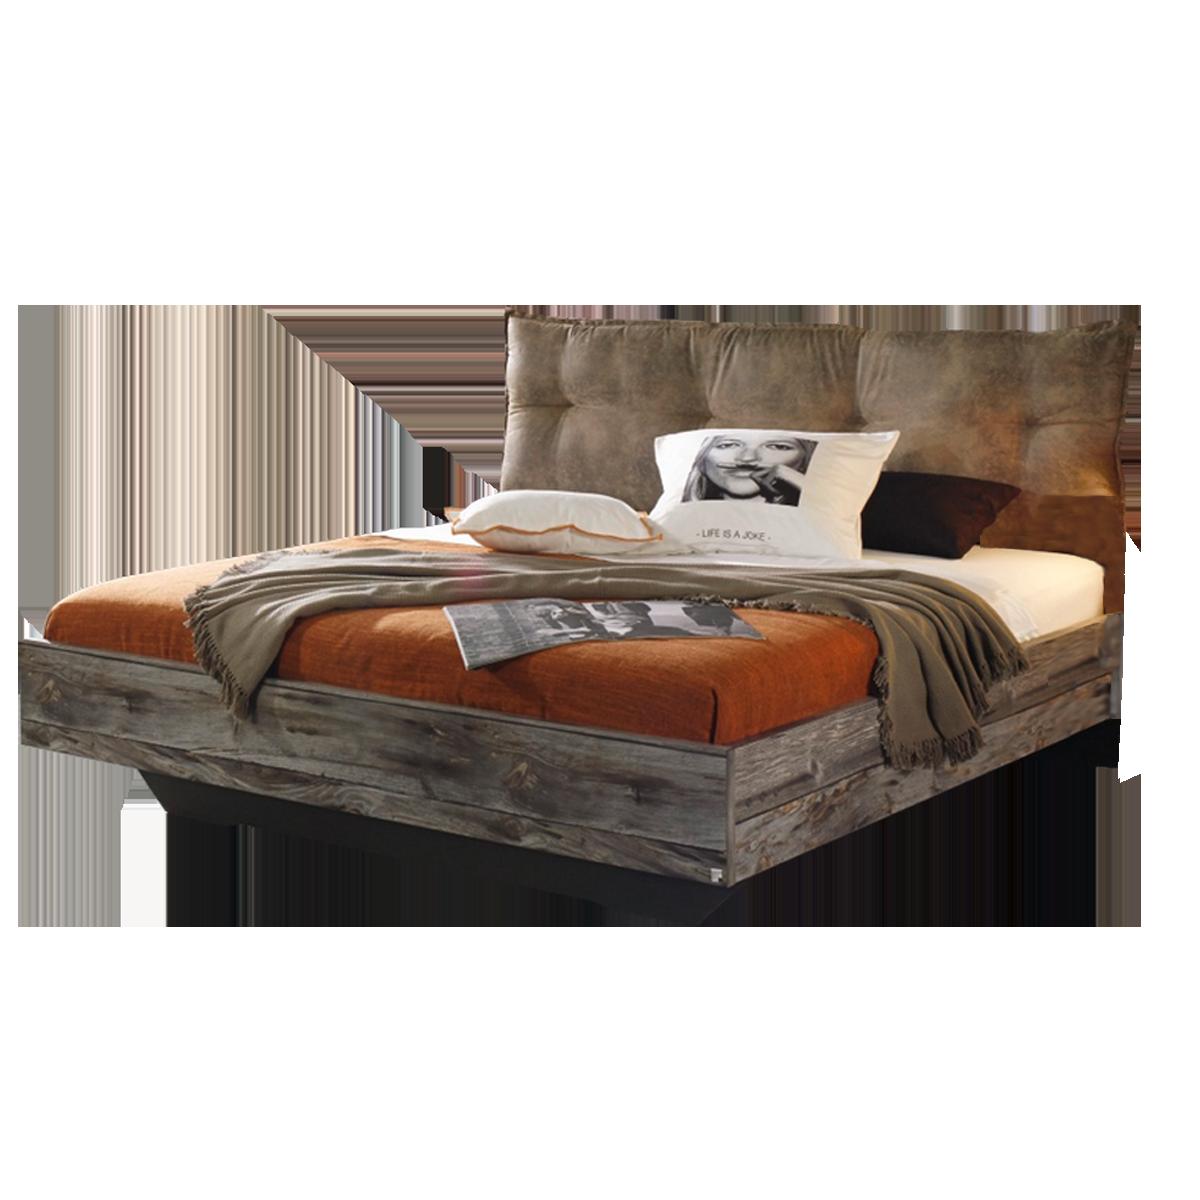 Full Size of Rauch Select Timberstyle Wrkungsvolle Bett Kopfteil In Leder Optik Betten Ohne 200x200 Mit Bettkasten 90x200 Hoch Gepolstertem 120x200 Weiß Ausziehbar Für Bett Bett Kopfteil